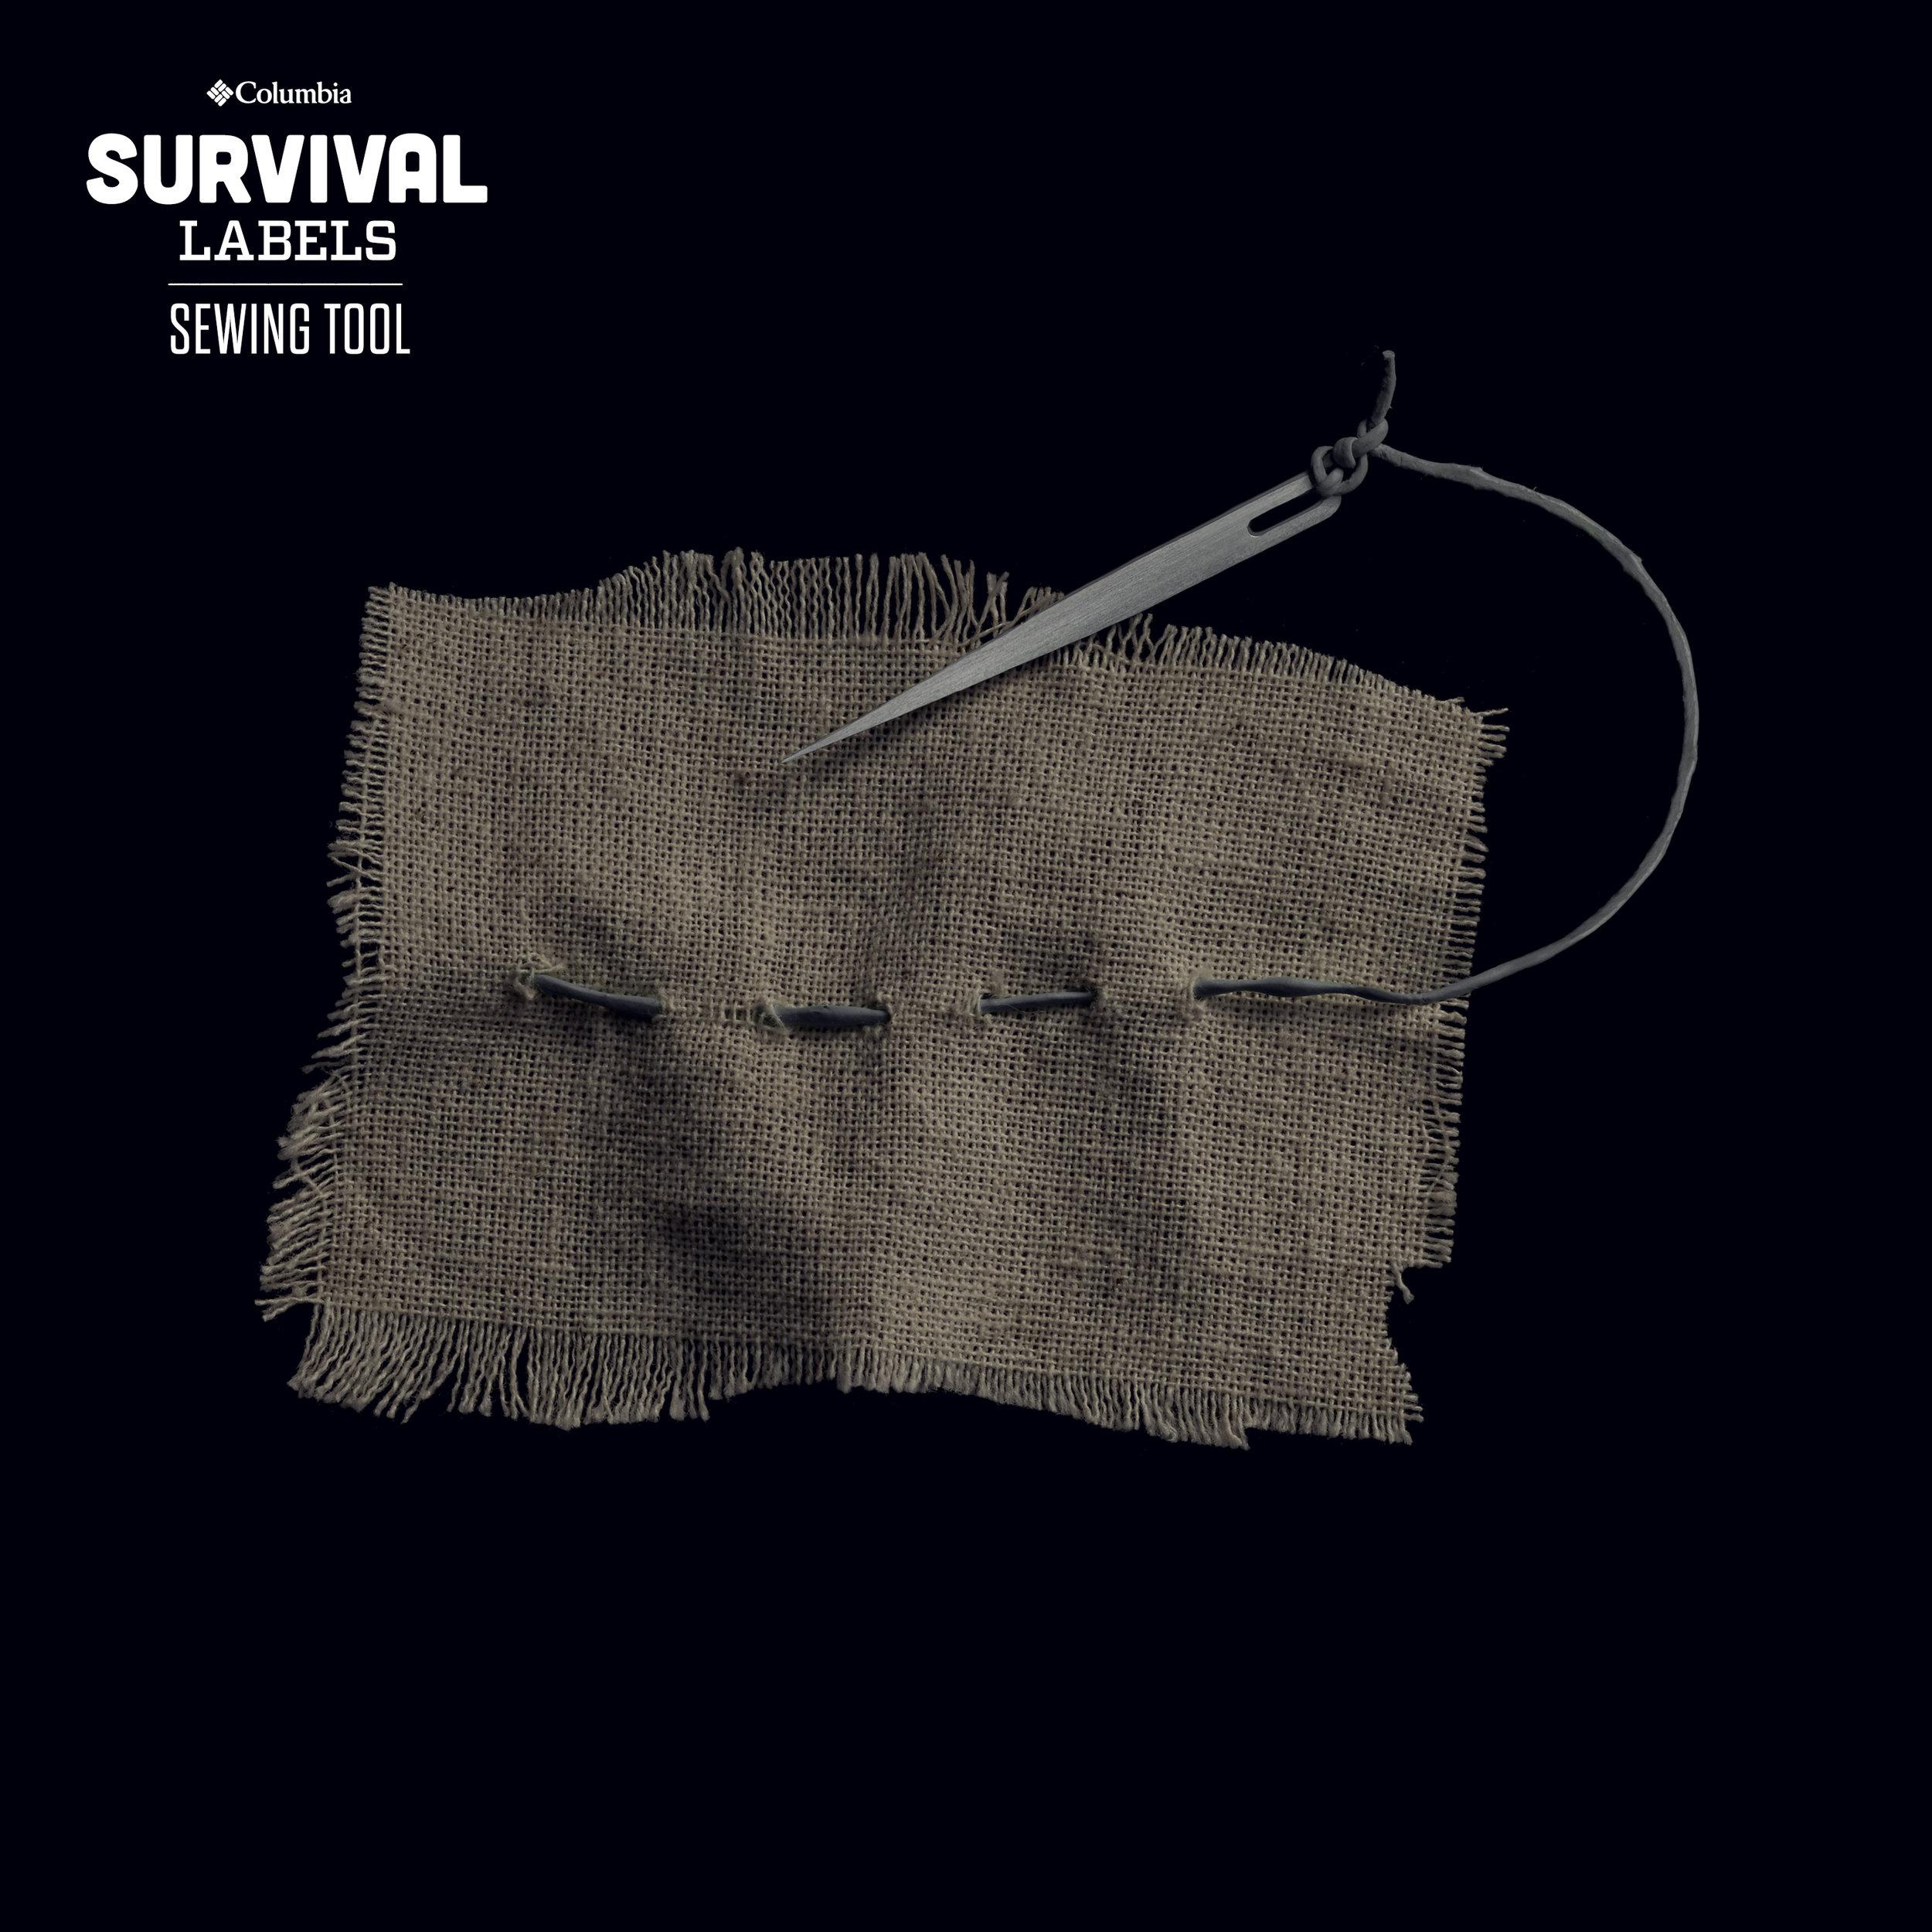 SURVIVALLABELS_TOOLS_SEWING.jpg